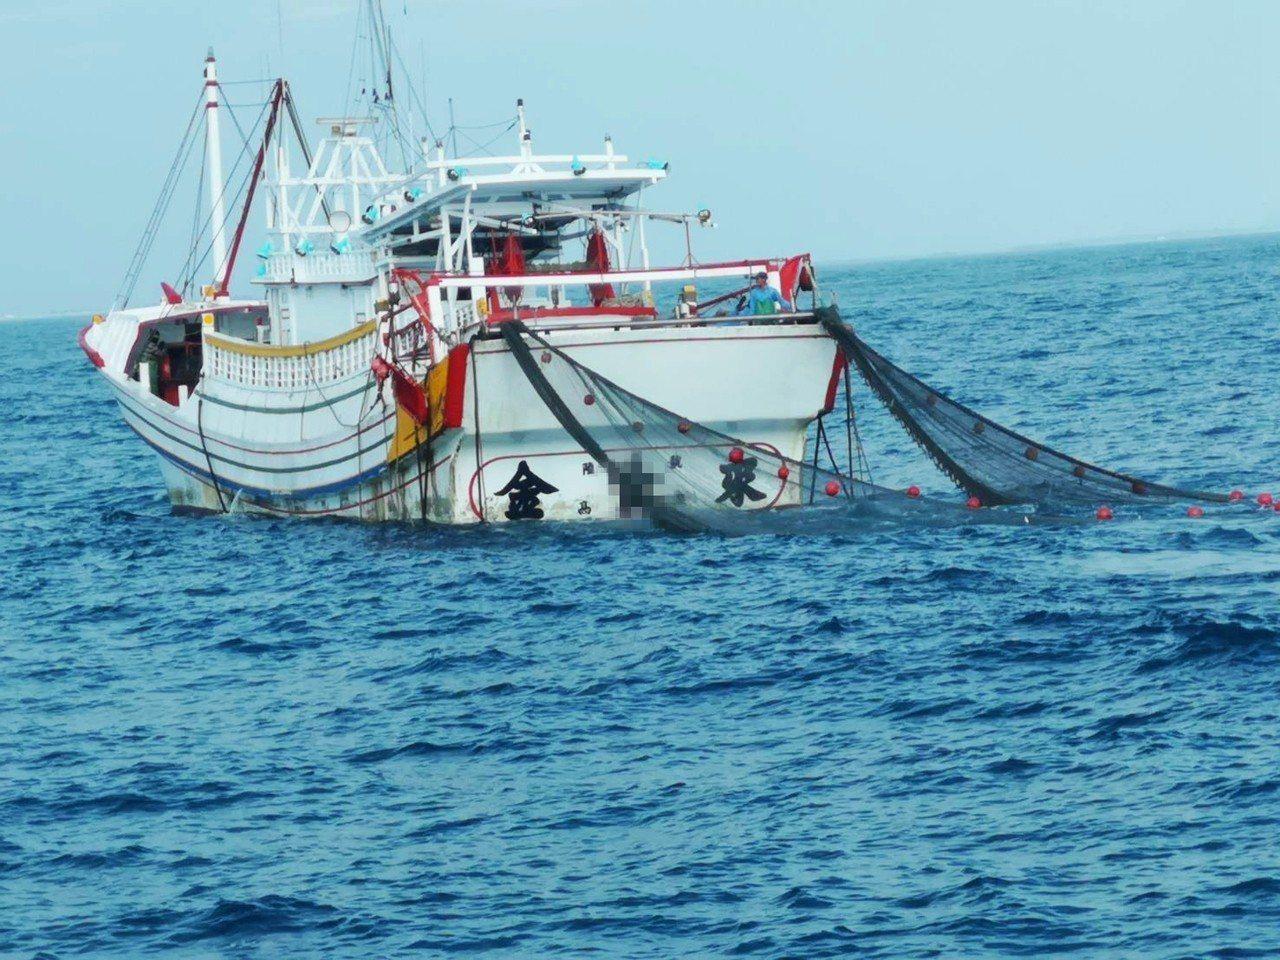 高雄籍漁船在七股外海違規拖網作業,被台南海巡隊查獲函送漁業署裁罰。記者黃宣翰/翻...